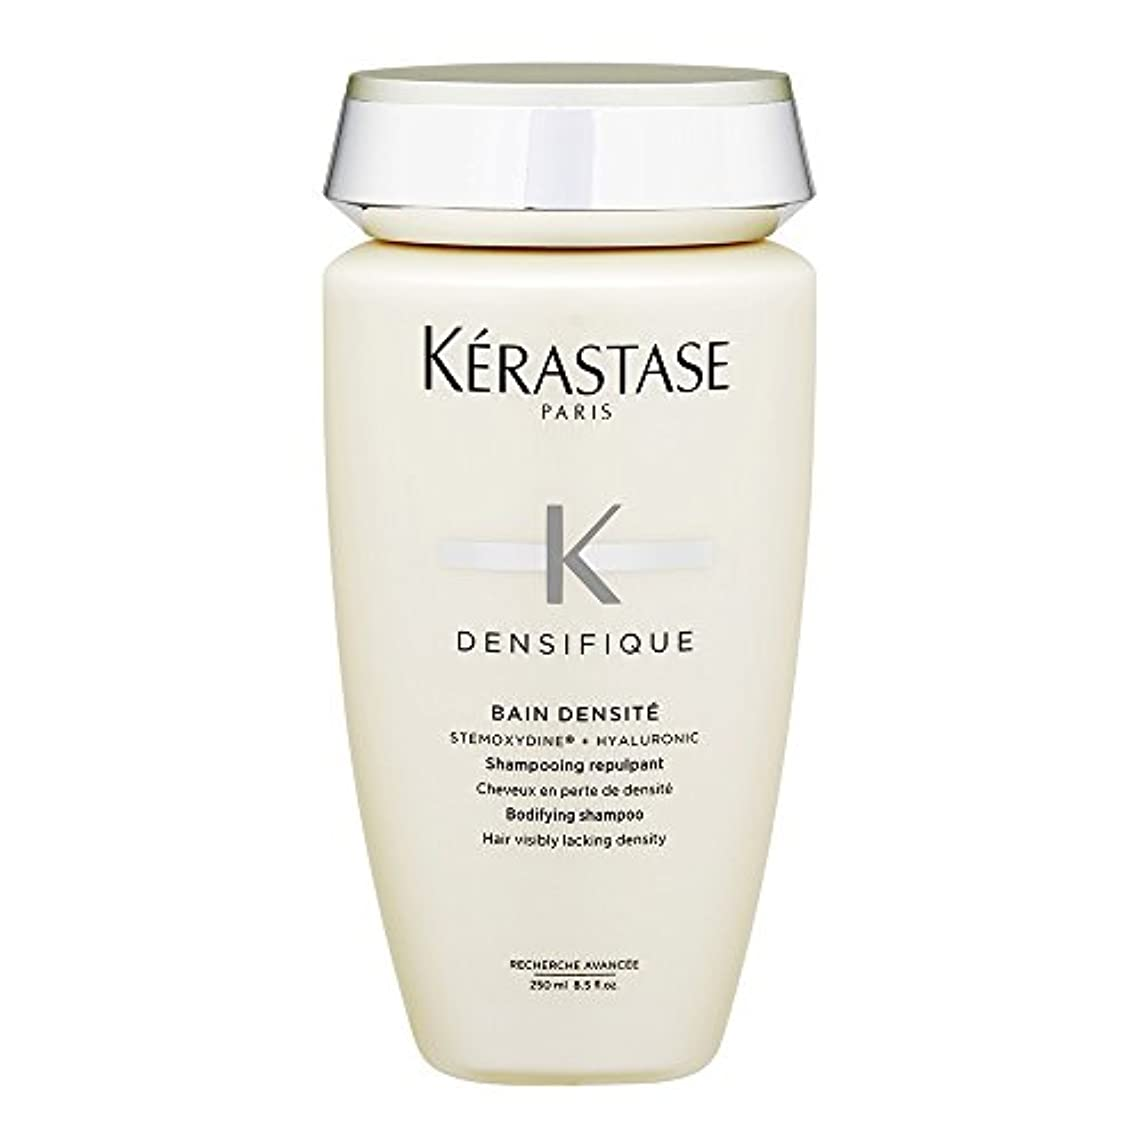 刺します湿度スローガンケラスターゼ(KERASTASE) DS バン デンシフィック 250ml [並行輸入品]